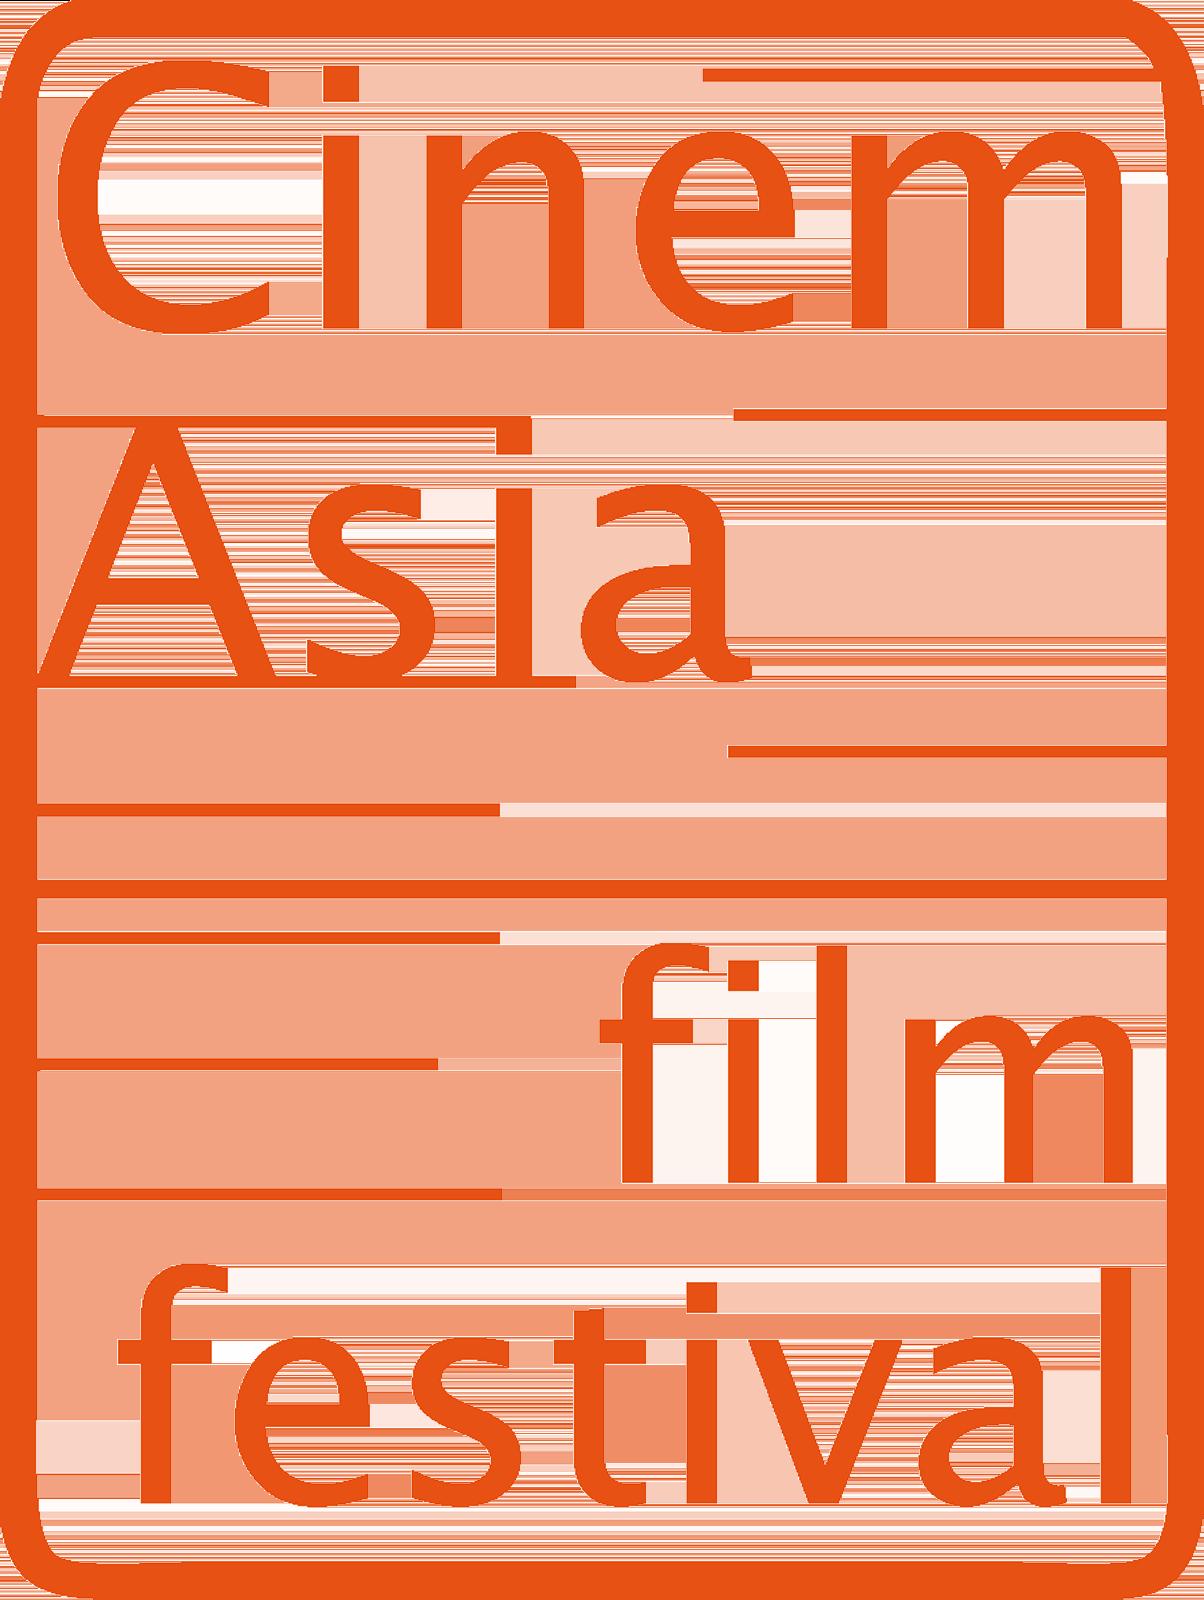 Win vrijkaarten voor CinemAsia